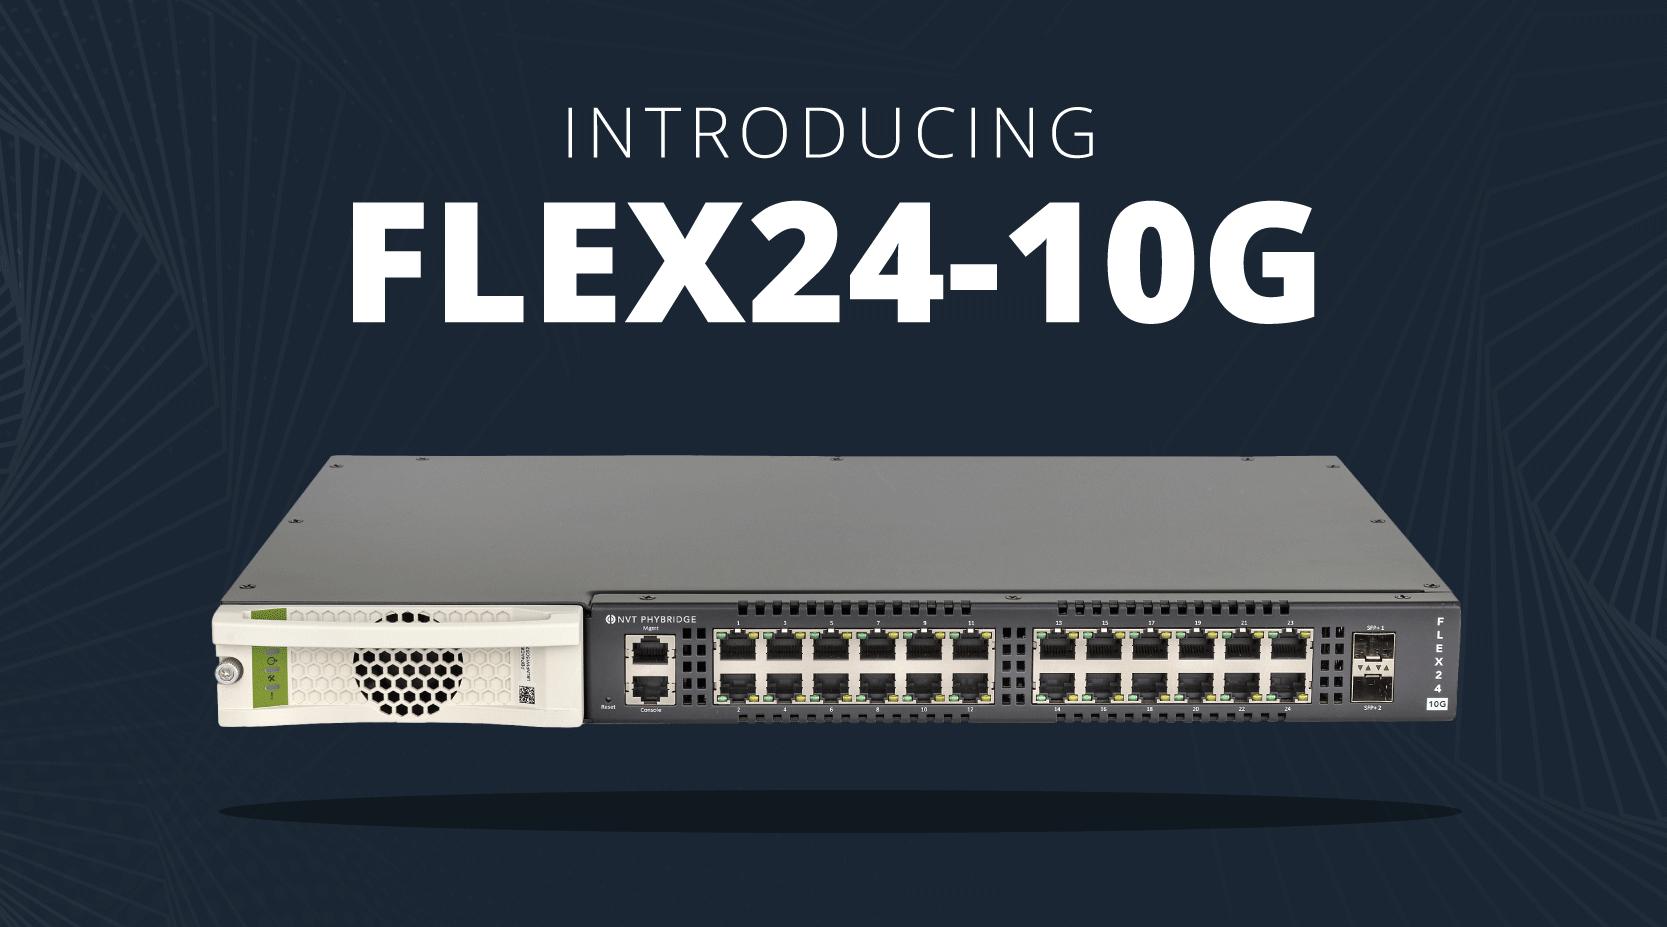 flex24-10g banner